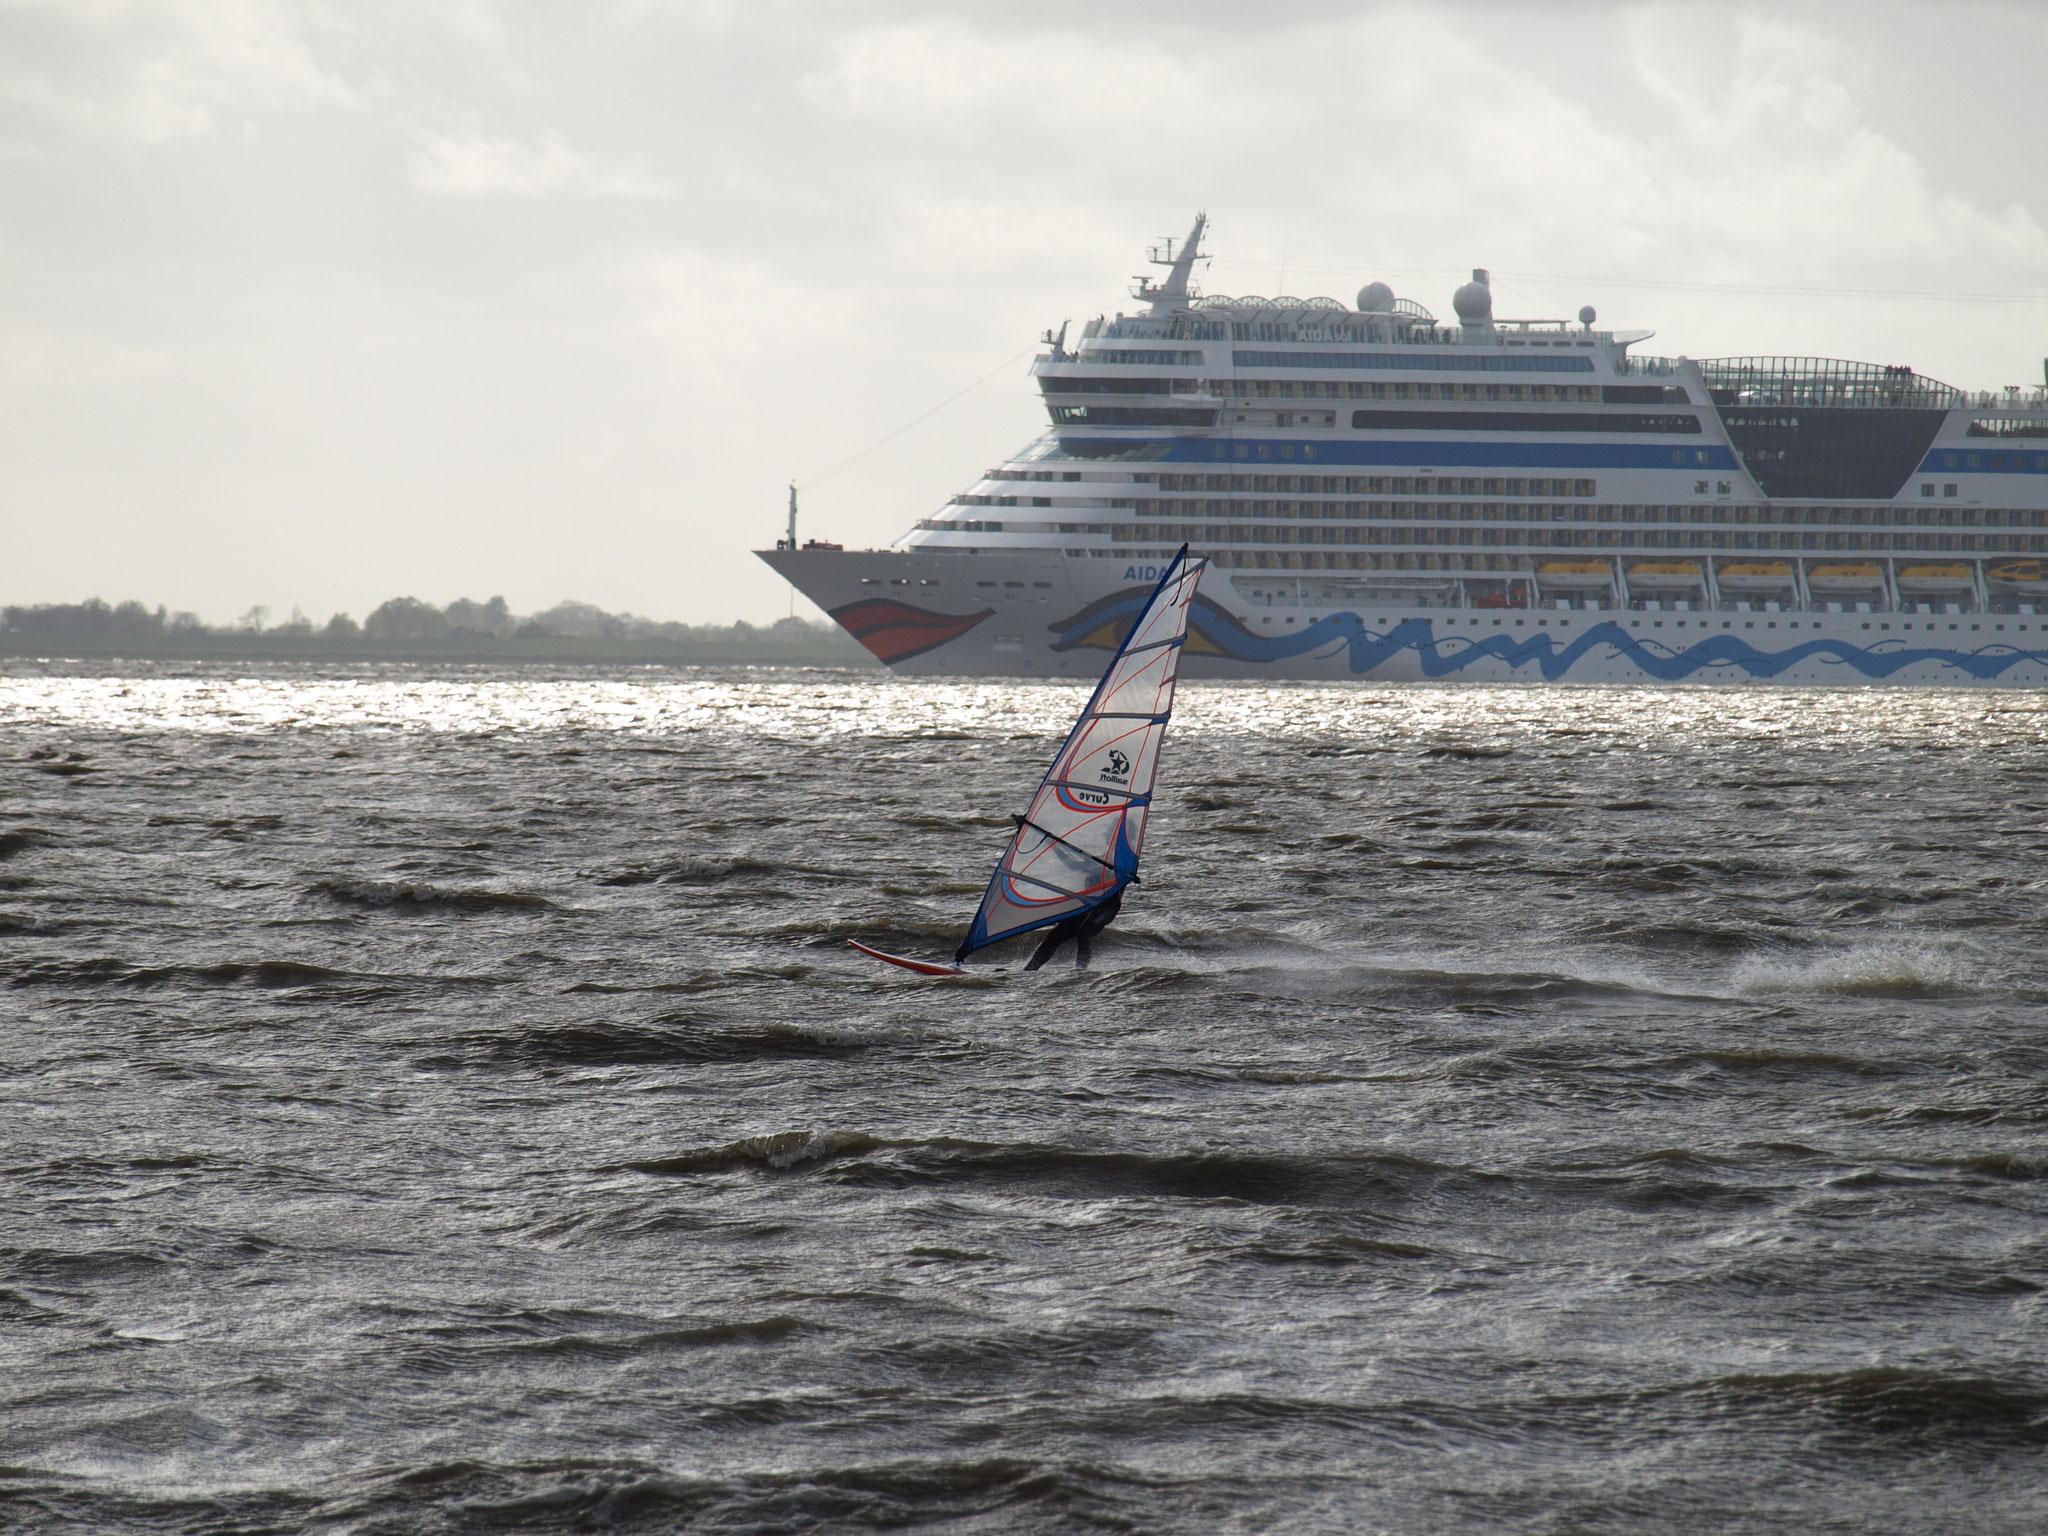 Auch für die zahlreichen Windsurfer ein reizvolles Panorama